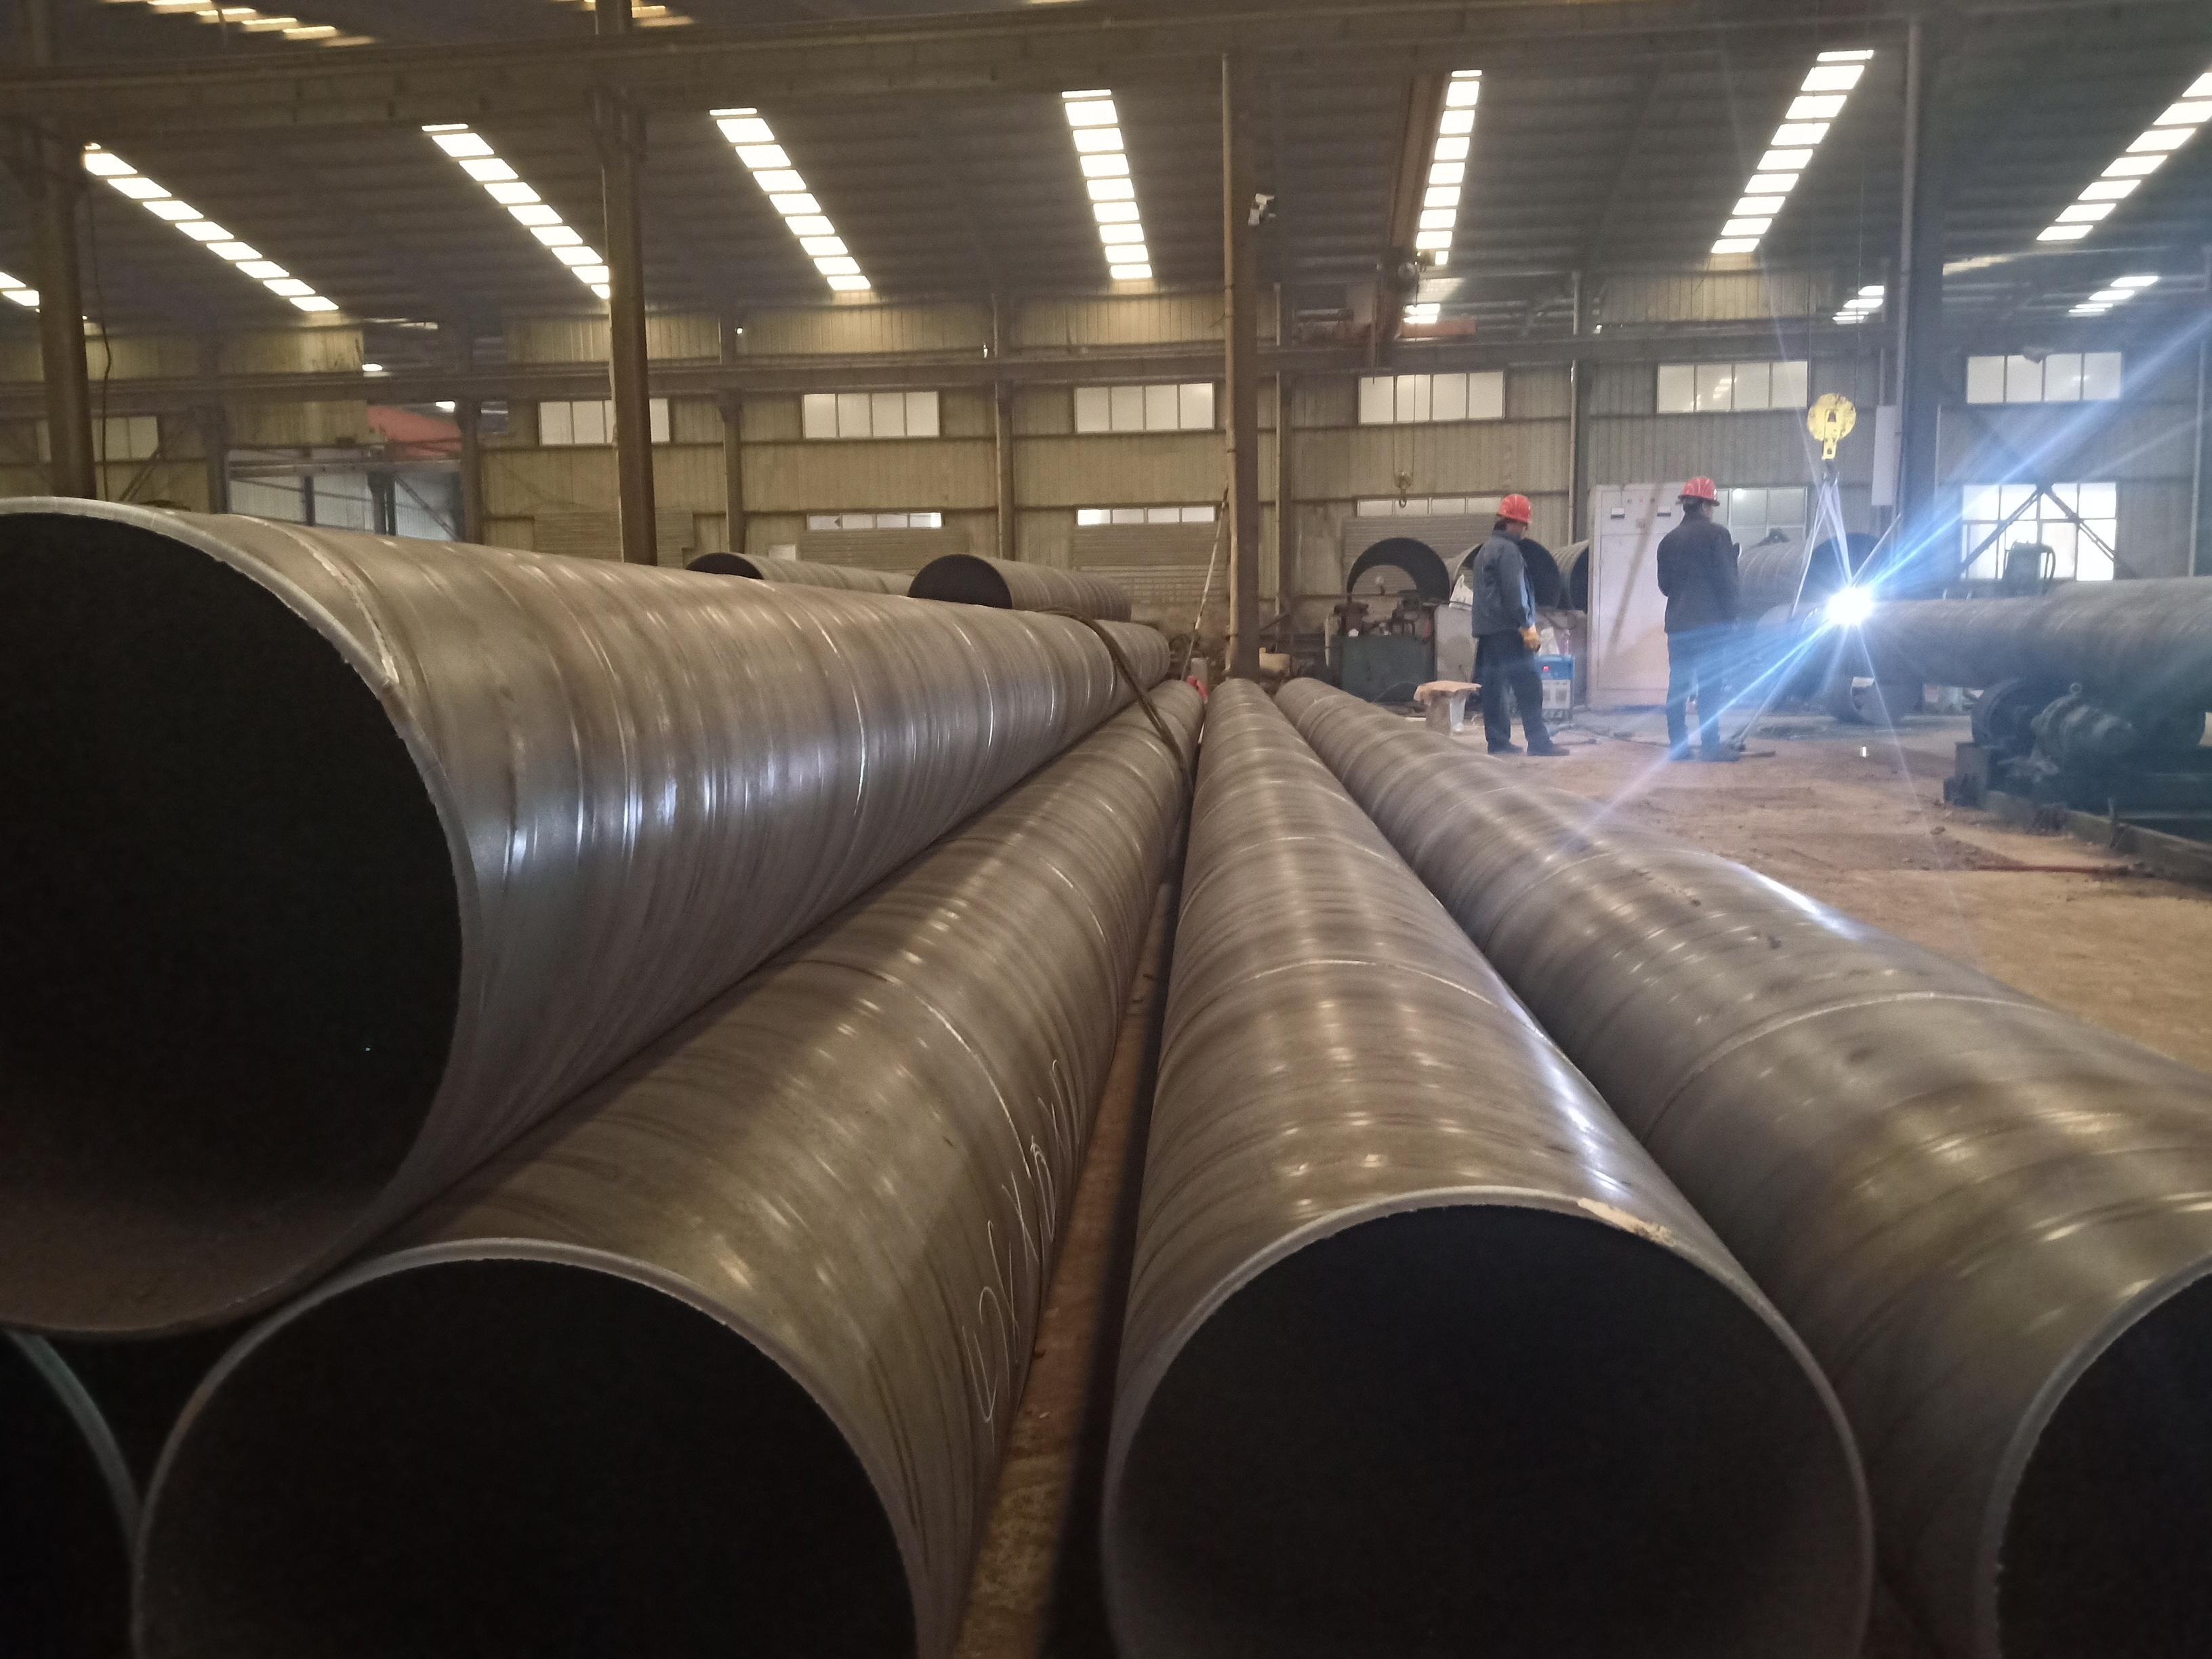 山东螺旋管|山东螺旋钢管|山东螺旋管厂|山东融达钢管制造有限公司